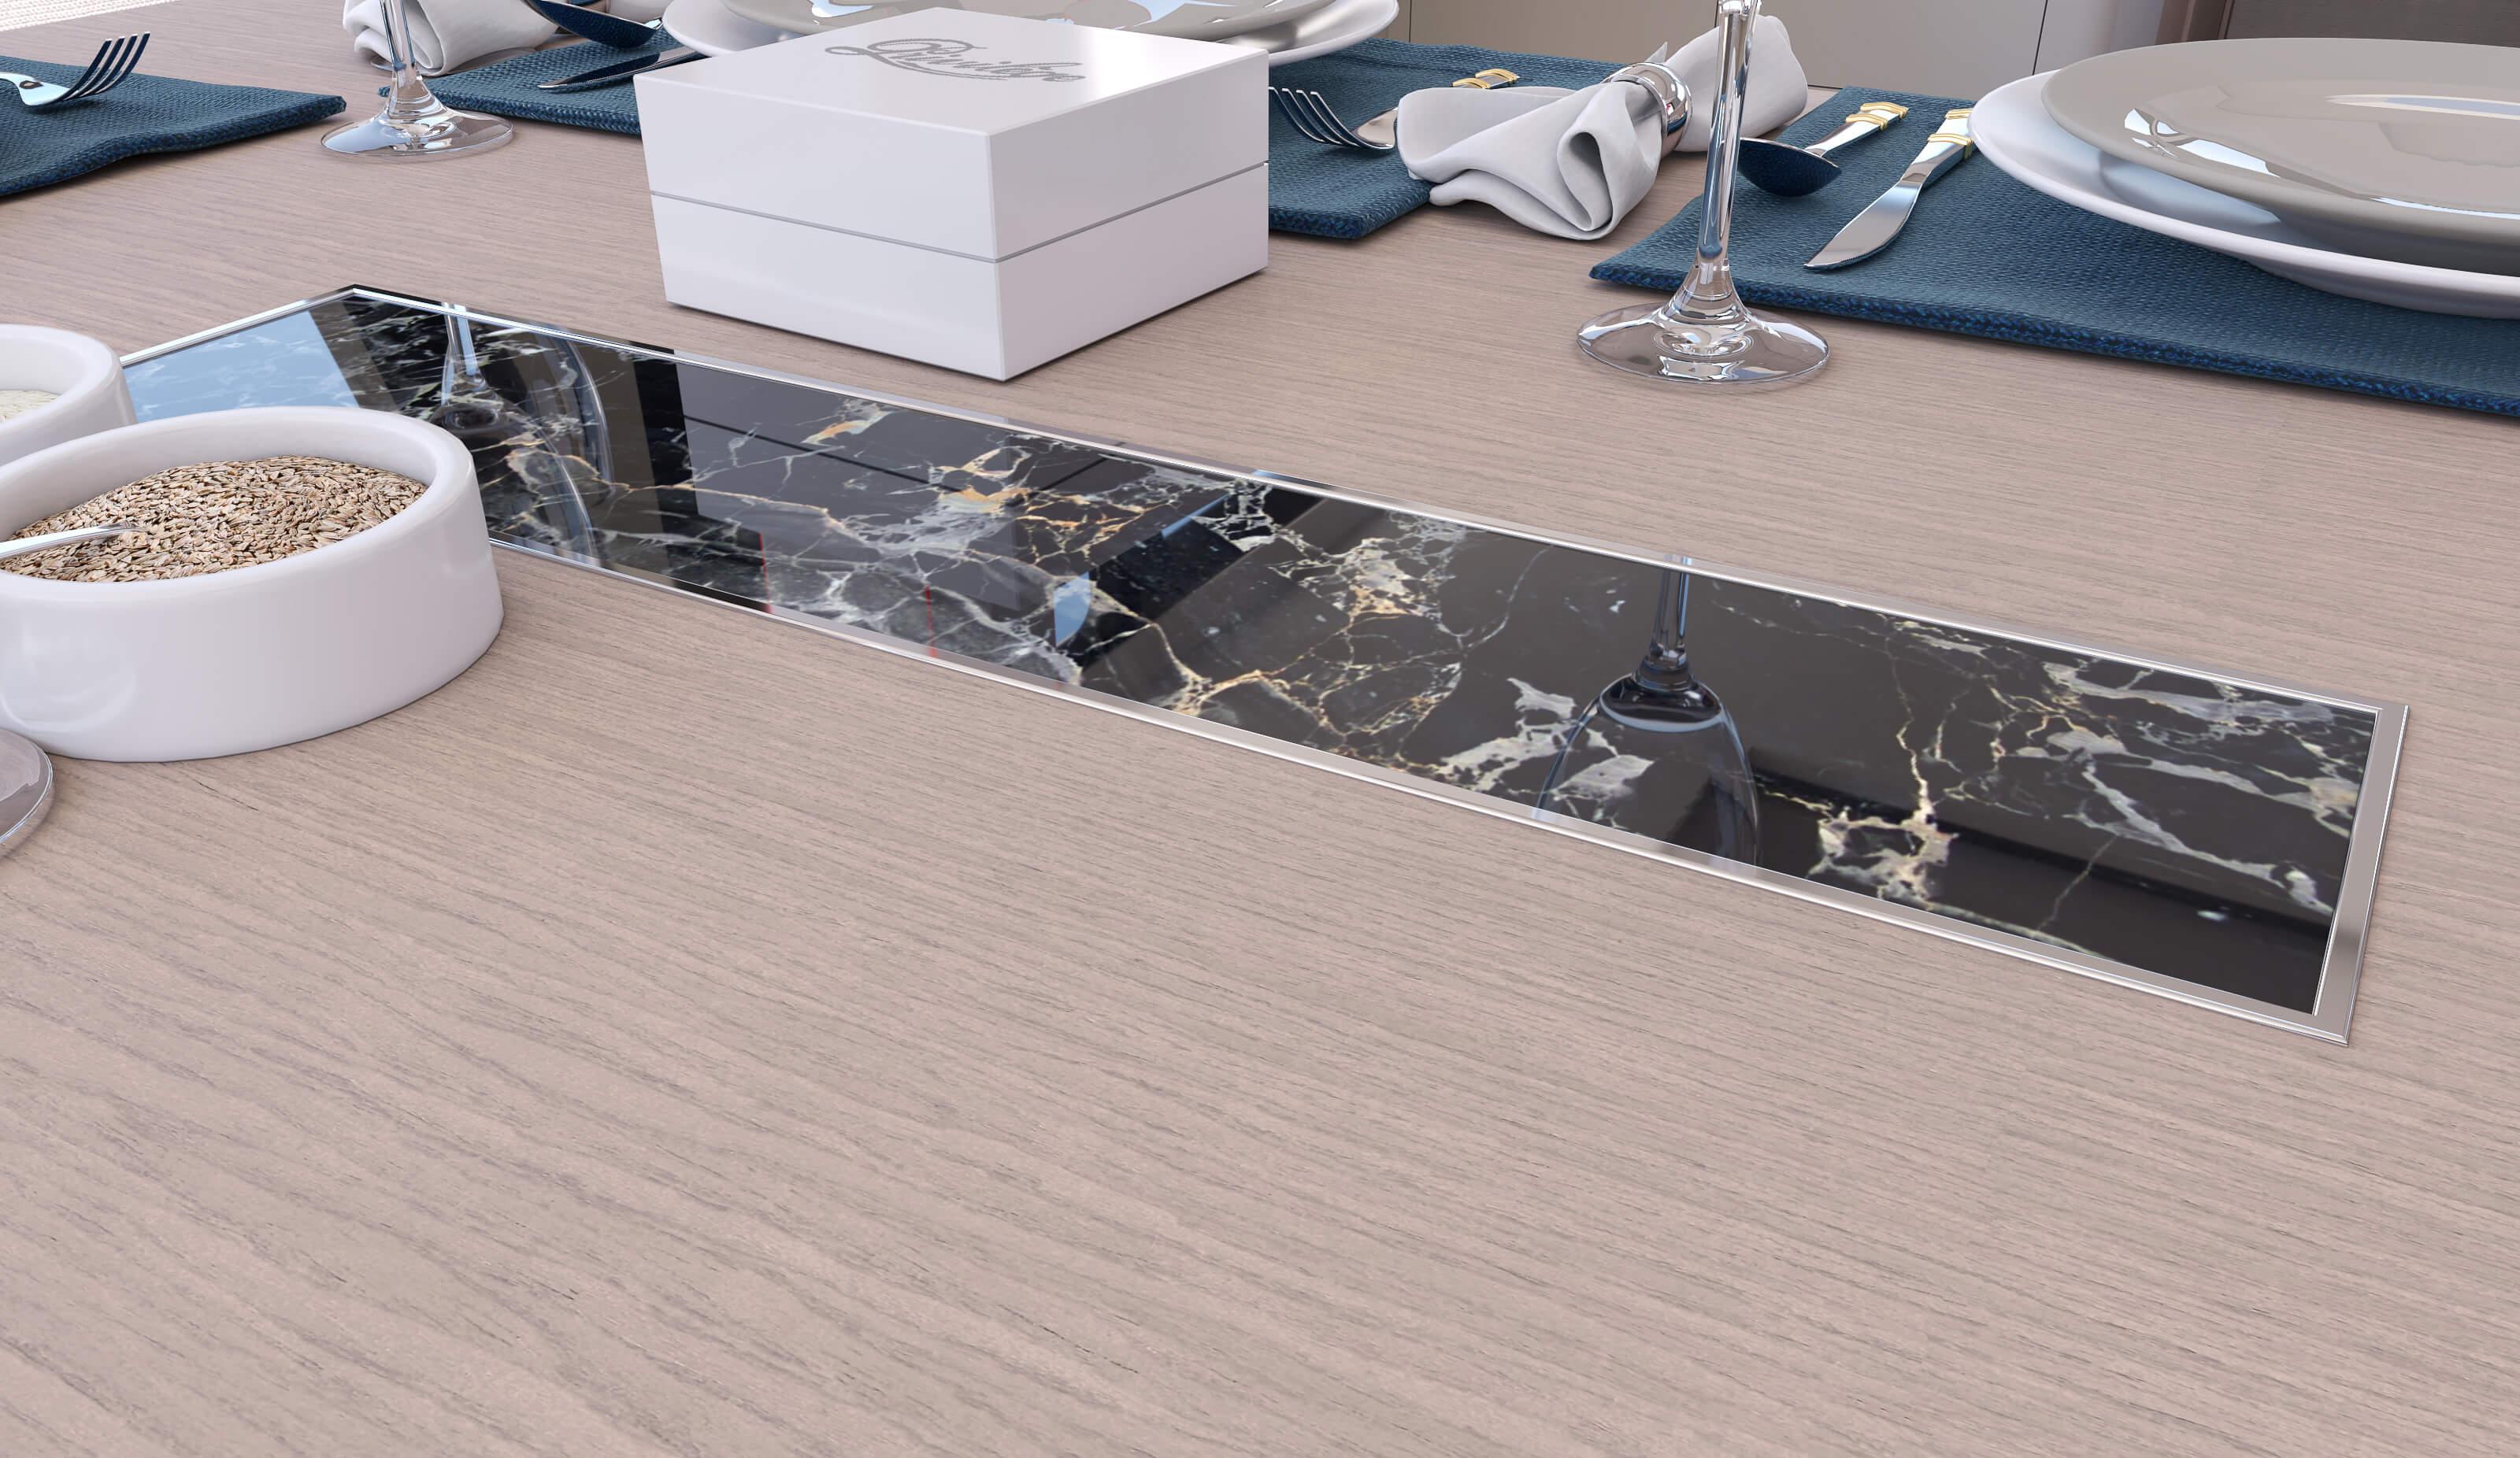 Privilège Signature 580 | Interior view | Privilège